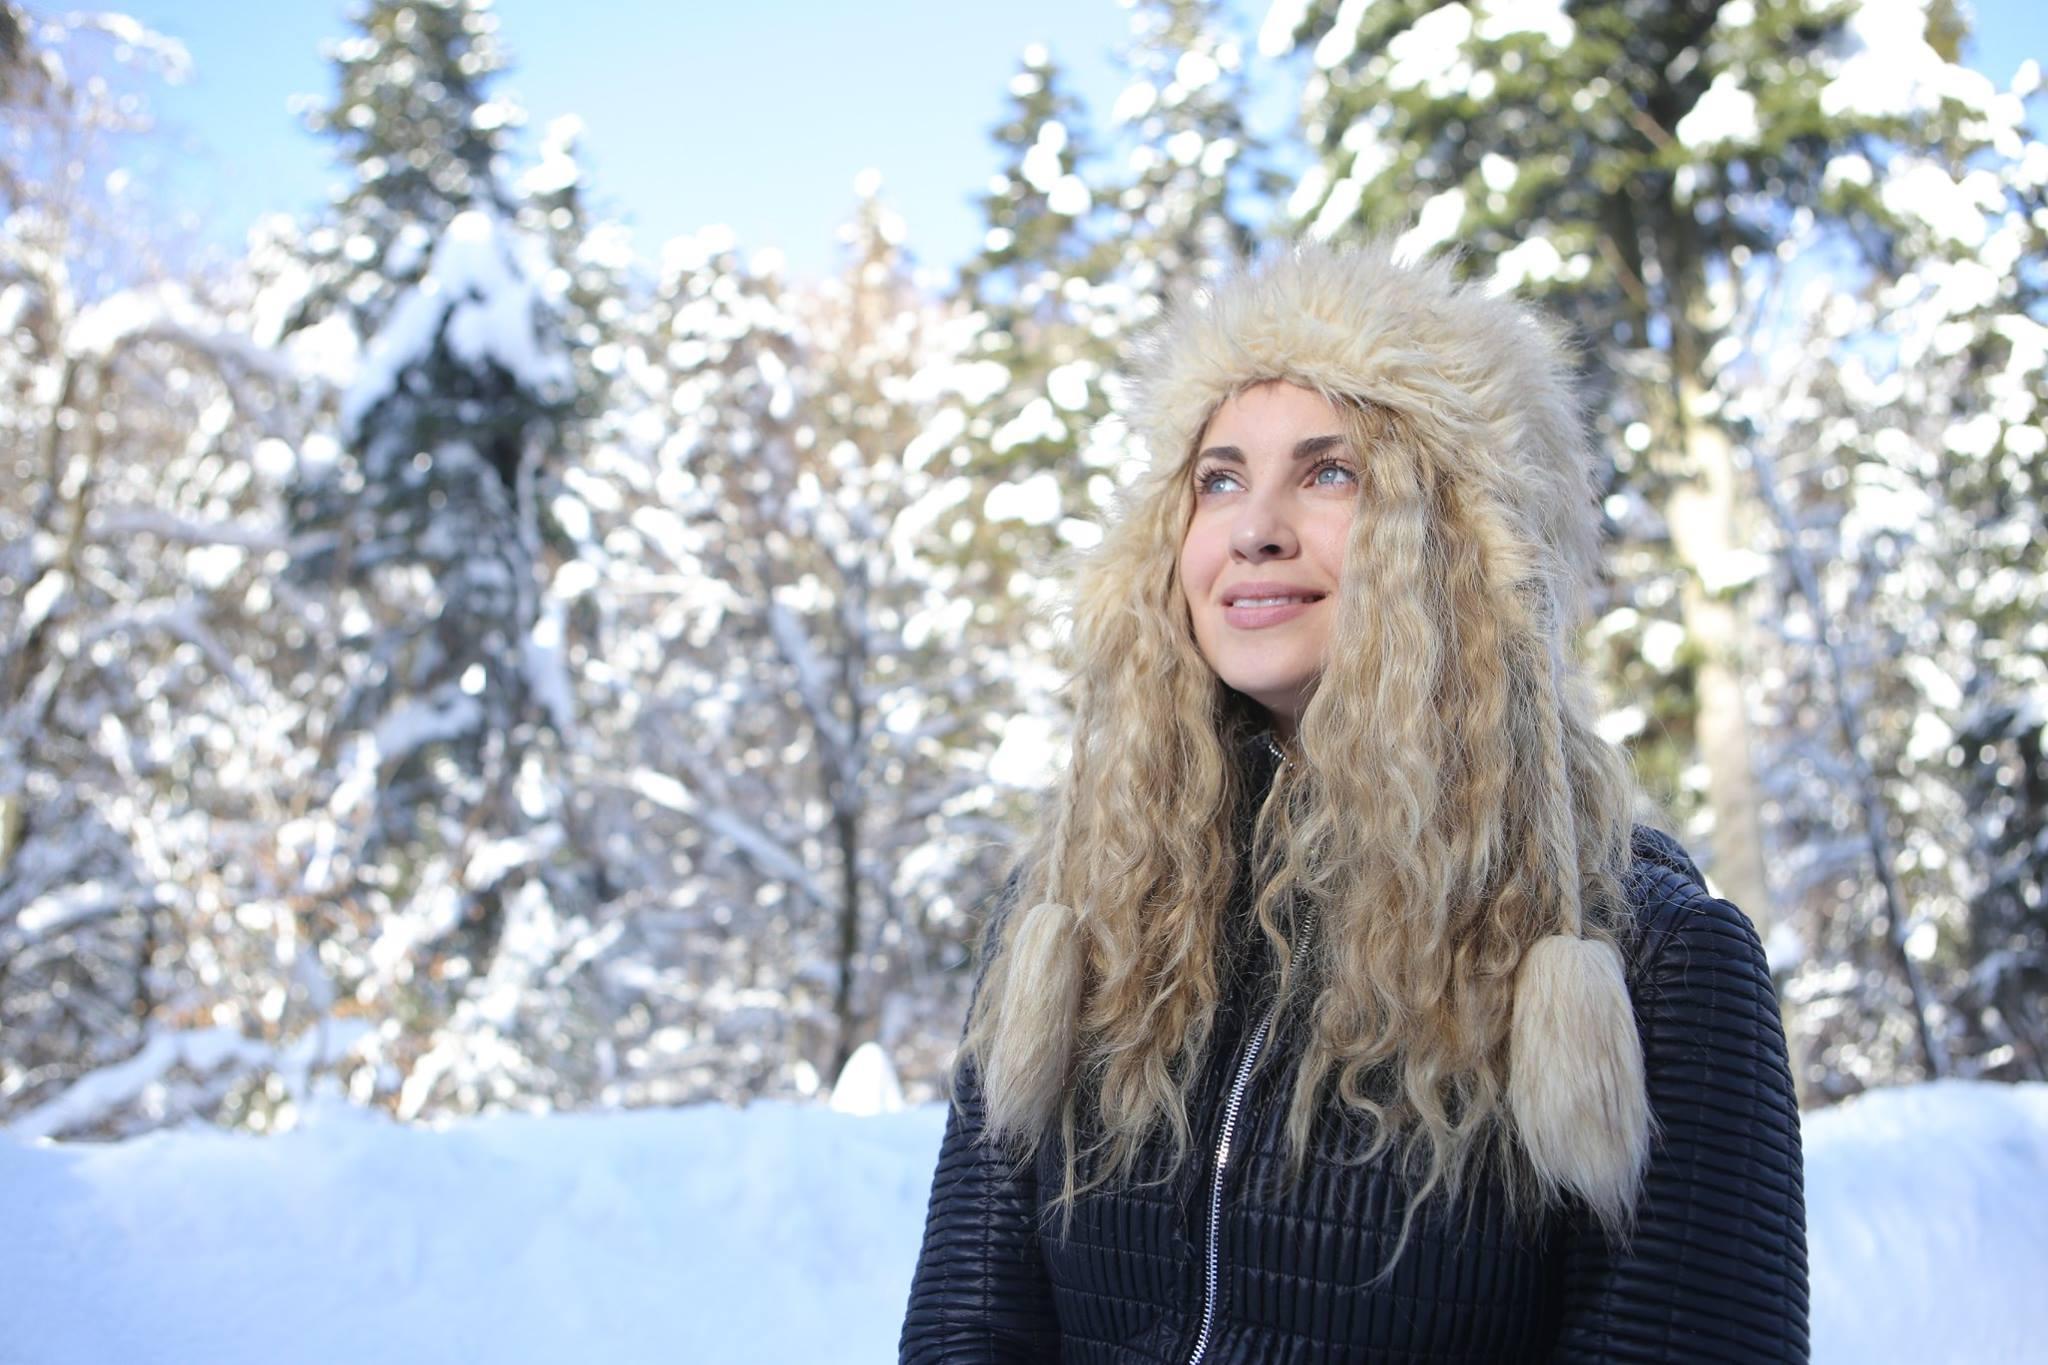 Record de operații estetice, la Ferma de la PRO TV! Mihaela Rădulescu și aproape toate concurentele au intervenții estetice